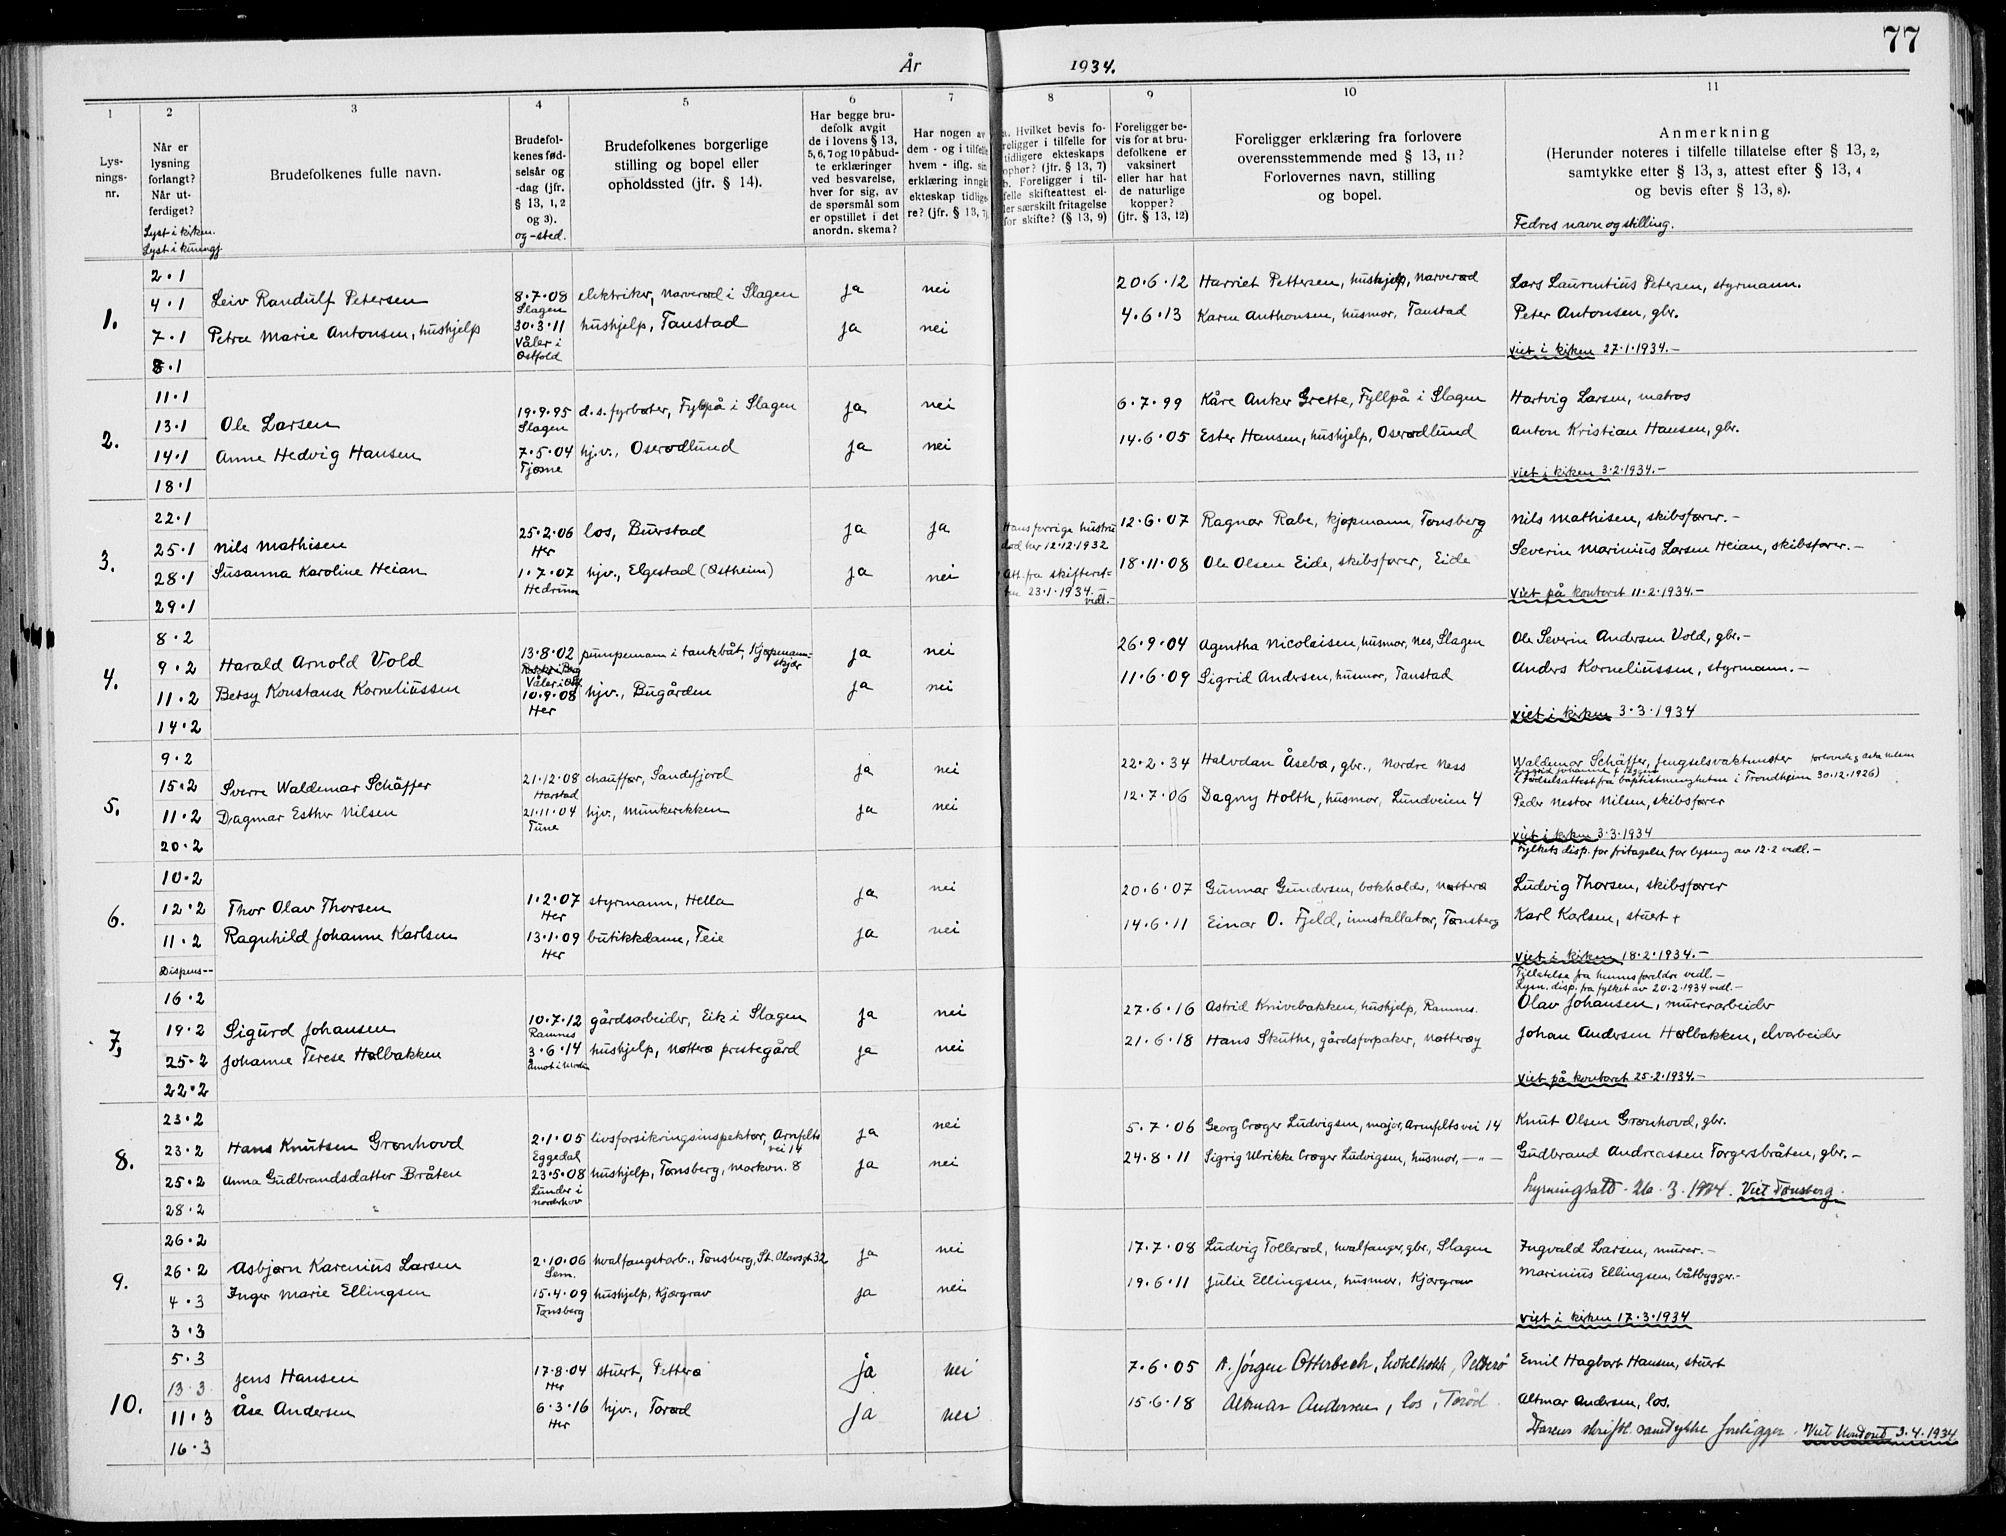 SAKO, Nøtterøy kirkebøker, H/Ha/L0001: Lysningsprotokoll nr. 1, 1919-1937, s. 77